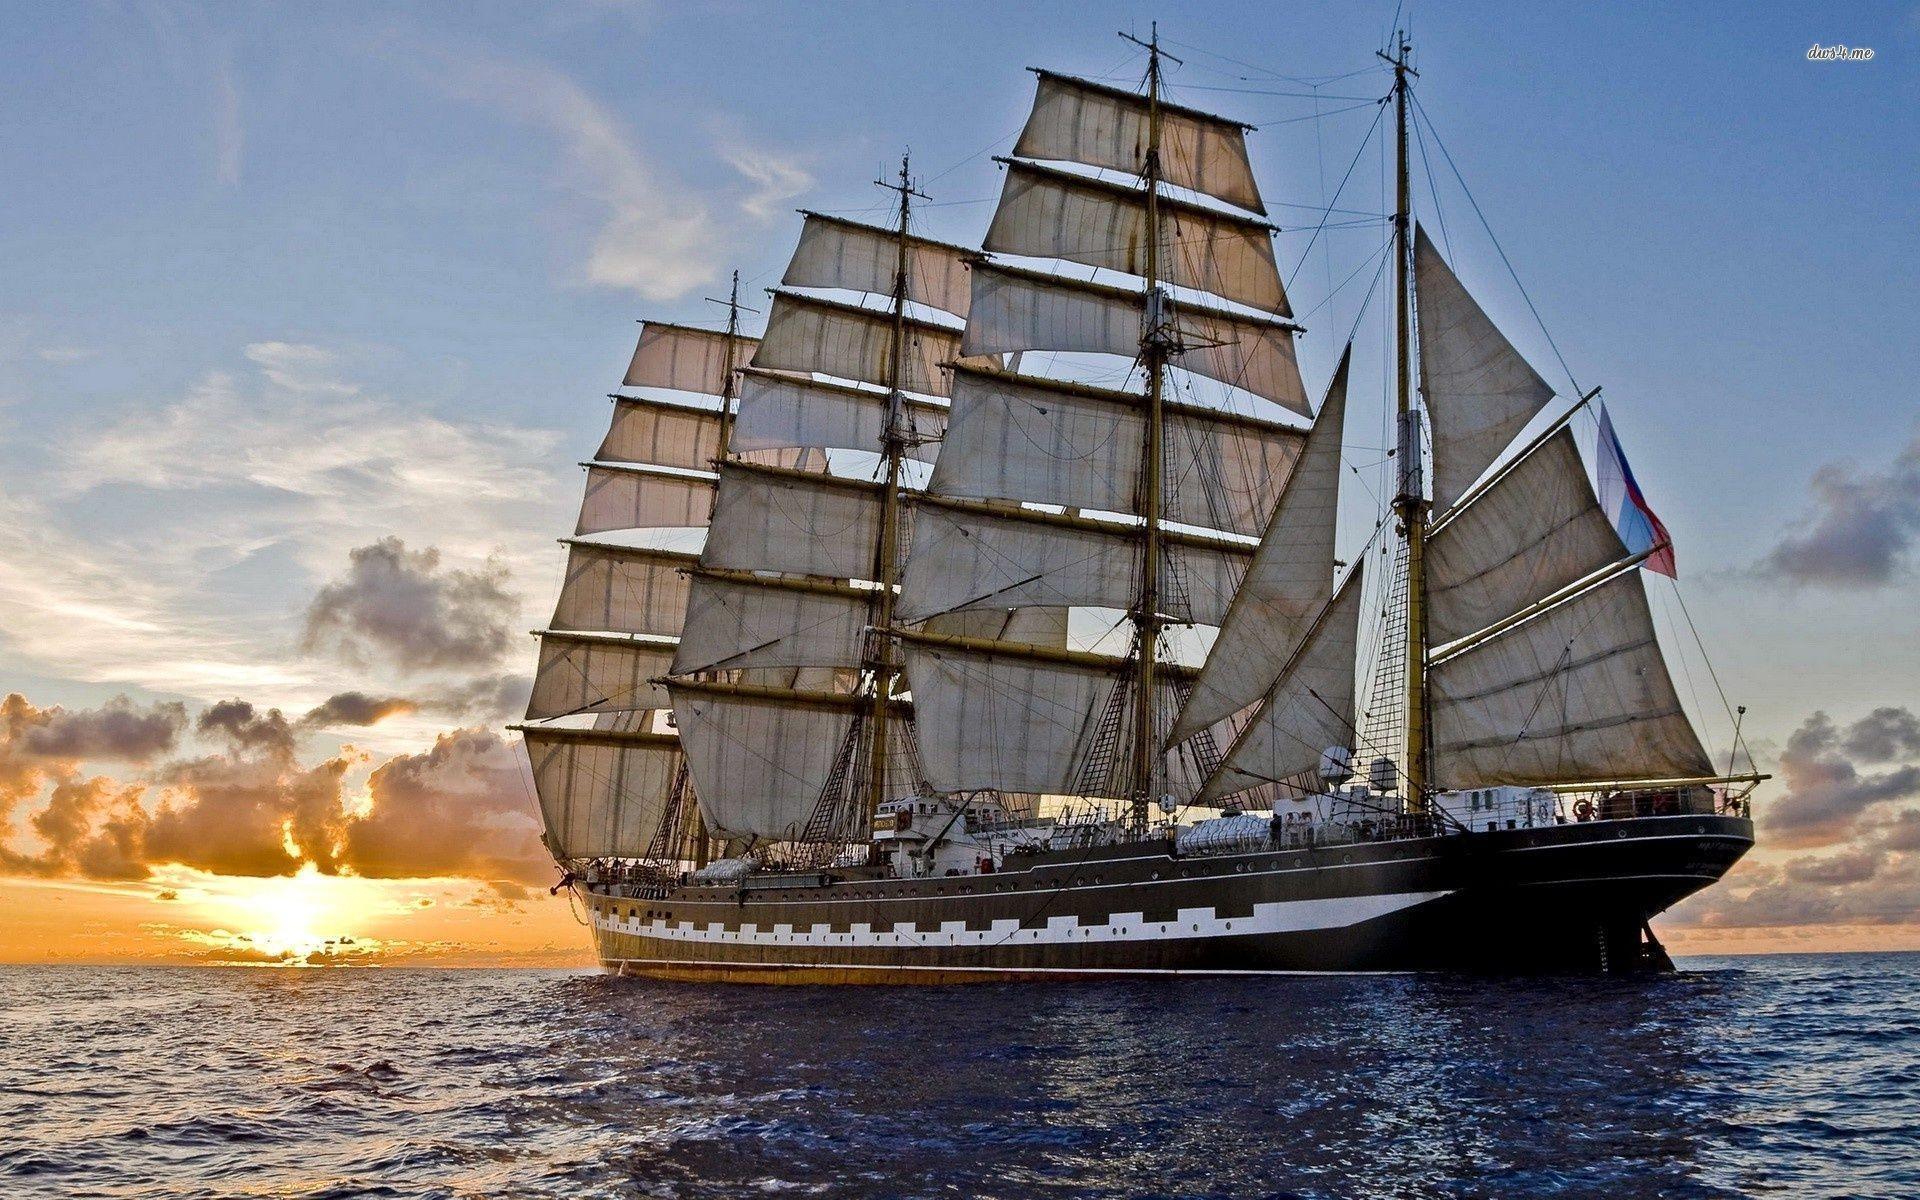 Res: 1920x1200, Sailing ship wallpaper - Photography wallpapers - #17492 #sailboatwallpaper